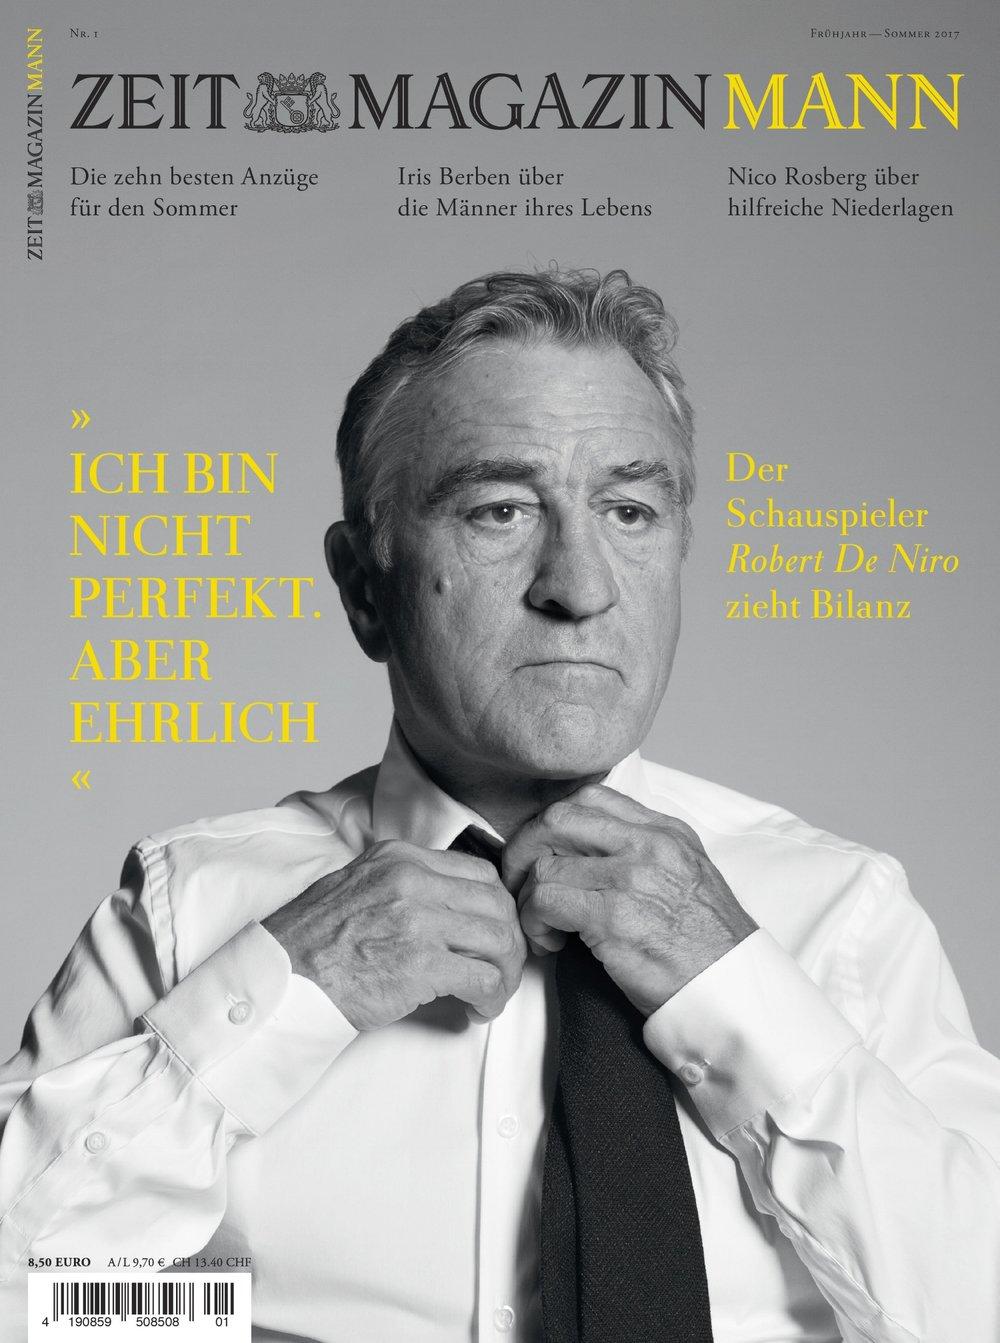 Robert De Niro, New York